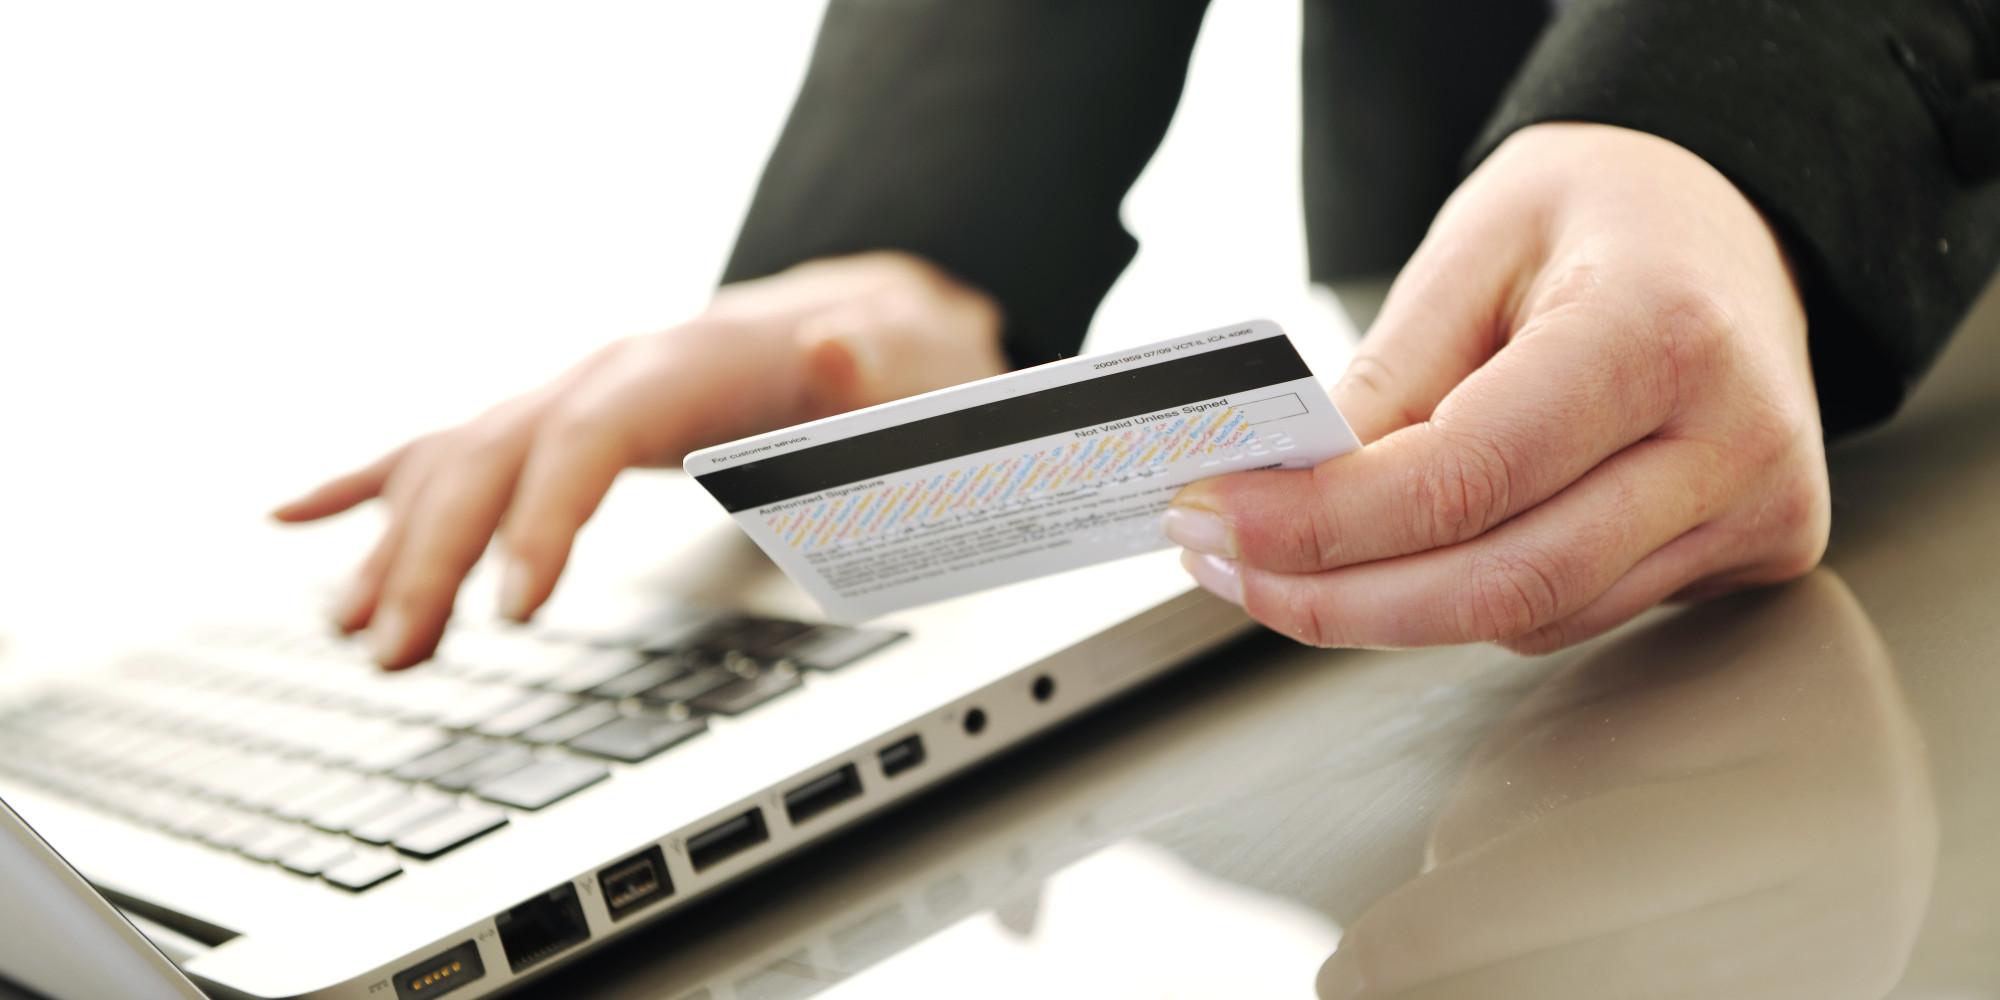 Нацбанк разрешил украинцам получать от нерезидентов электронные деньги по интернету